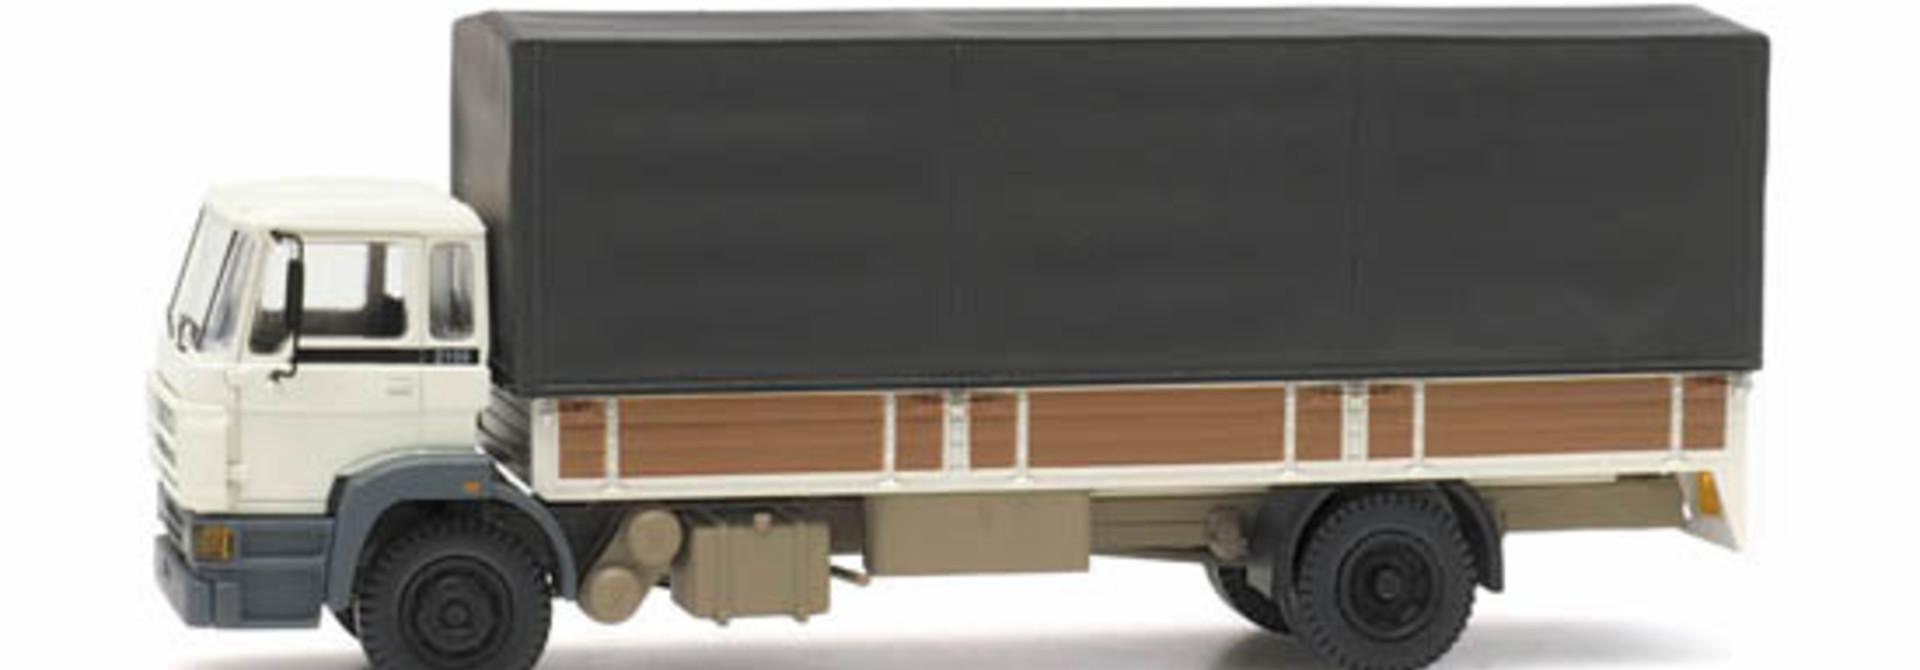 487.053.02 - DAF kantelcabine 1987, open bak, huif, wit